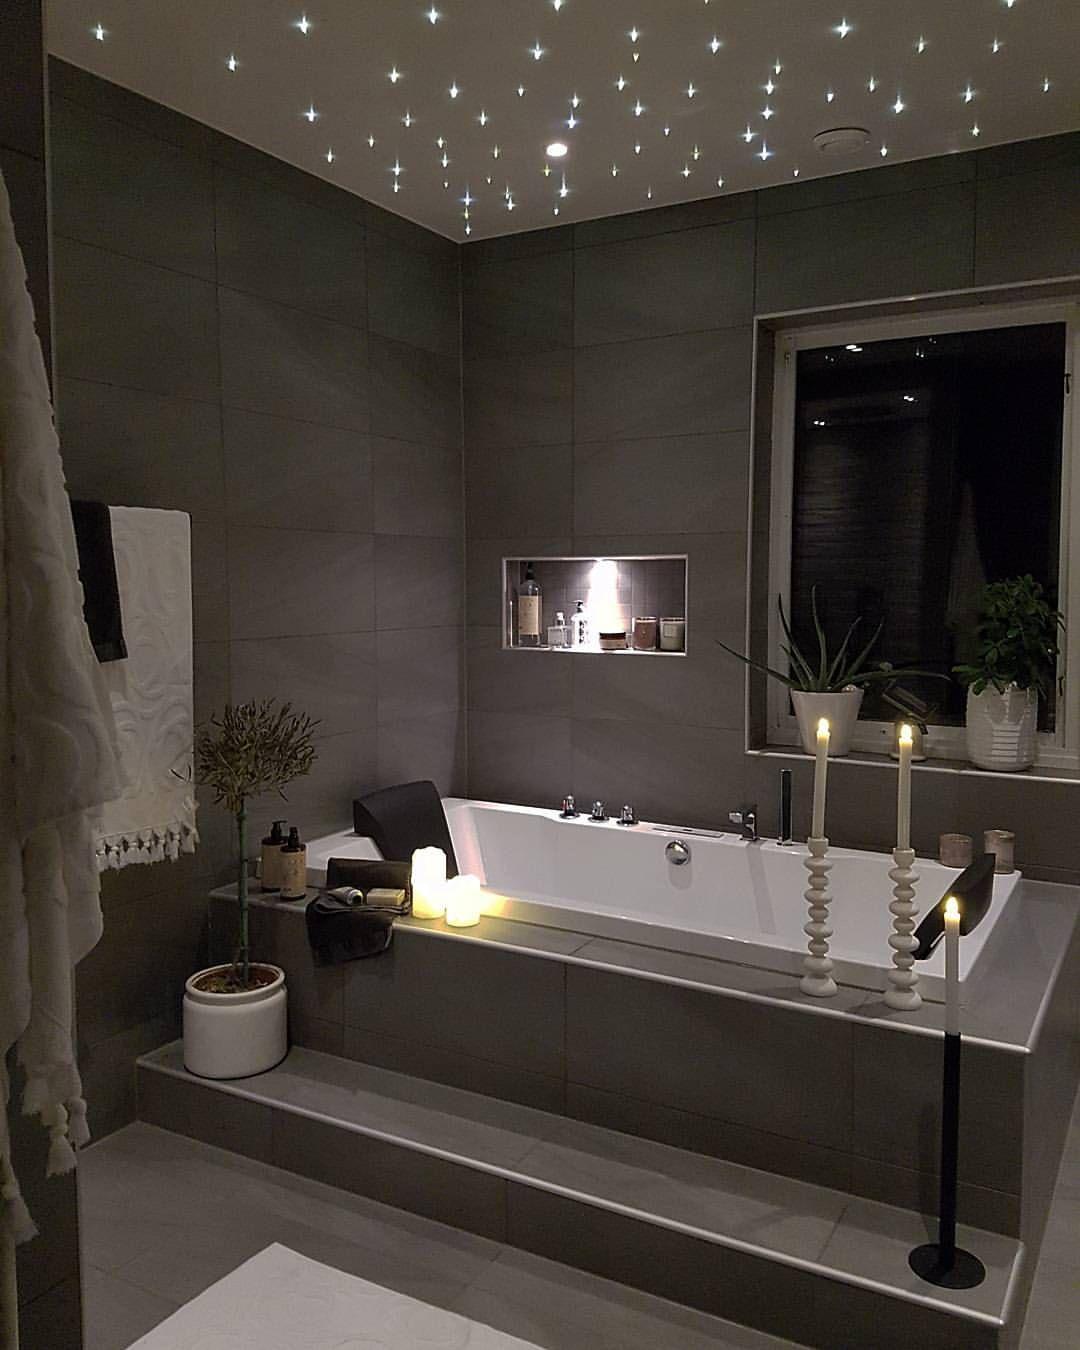 Zimmer im griechischen stil sieh dir dieses instagramfoto von lindawallgrenn an u gefällt